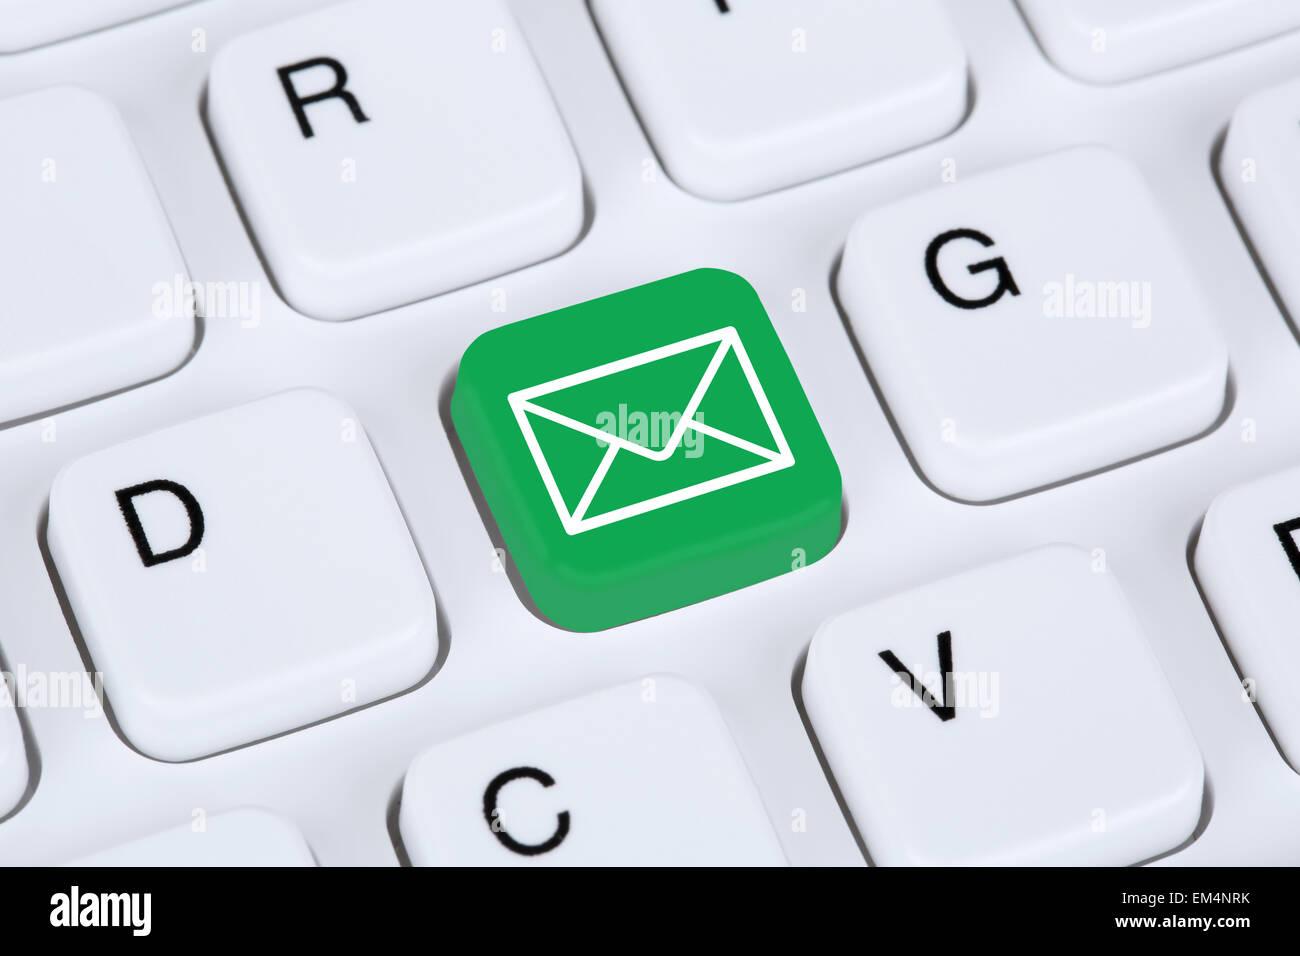 L'envoi d'E-mail via internet sur le clavier de l'ordinateur avec symbole lettre Photo Stock